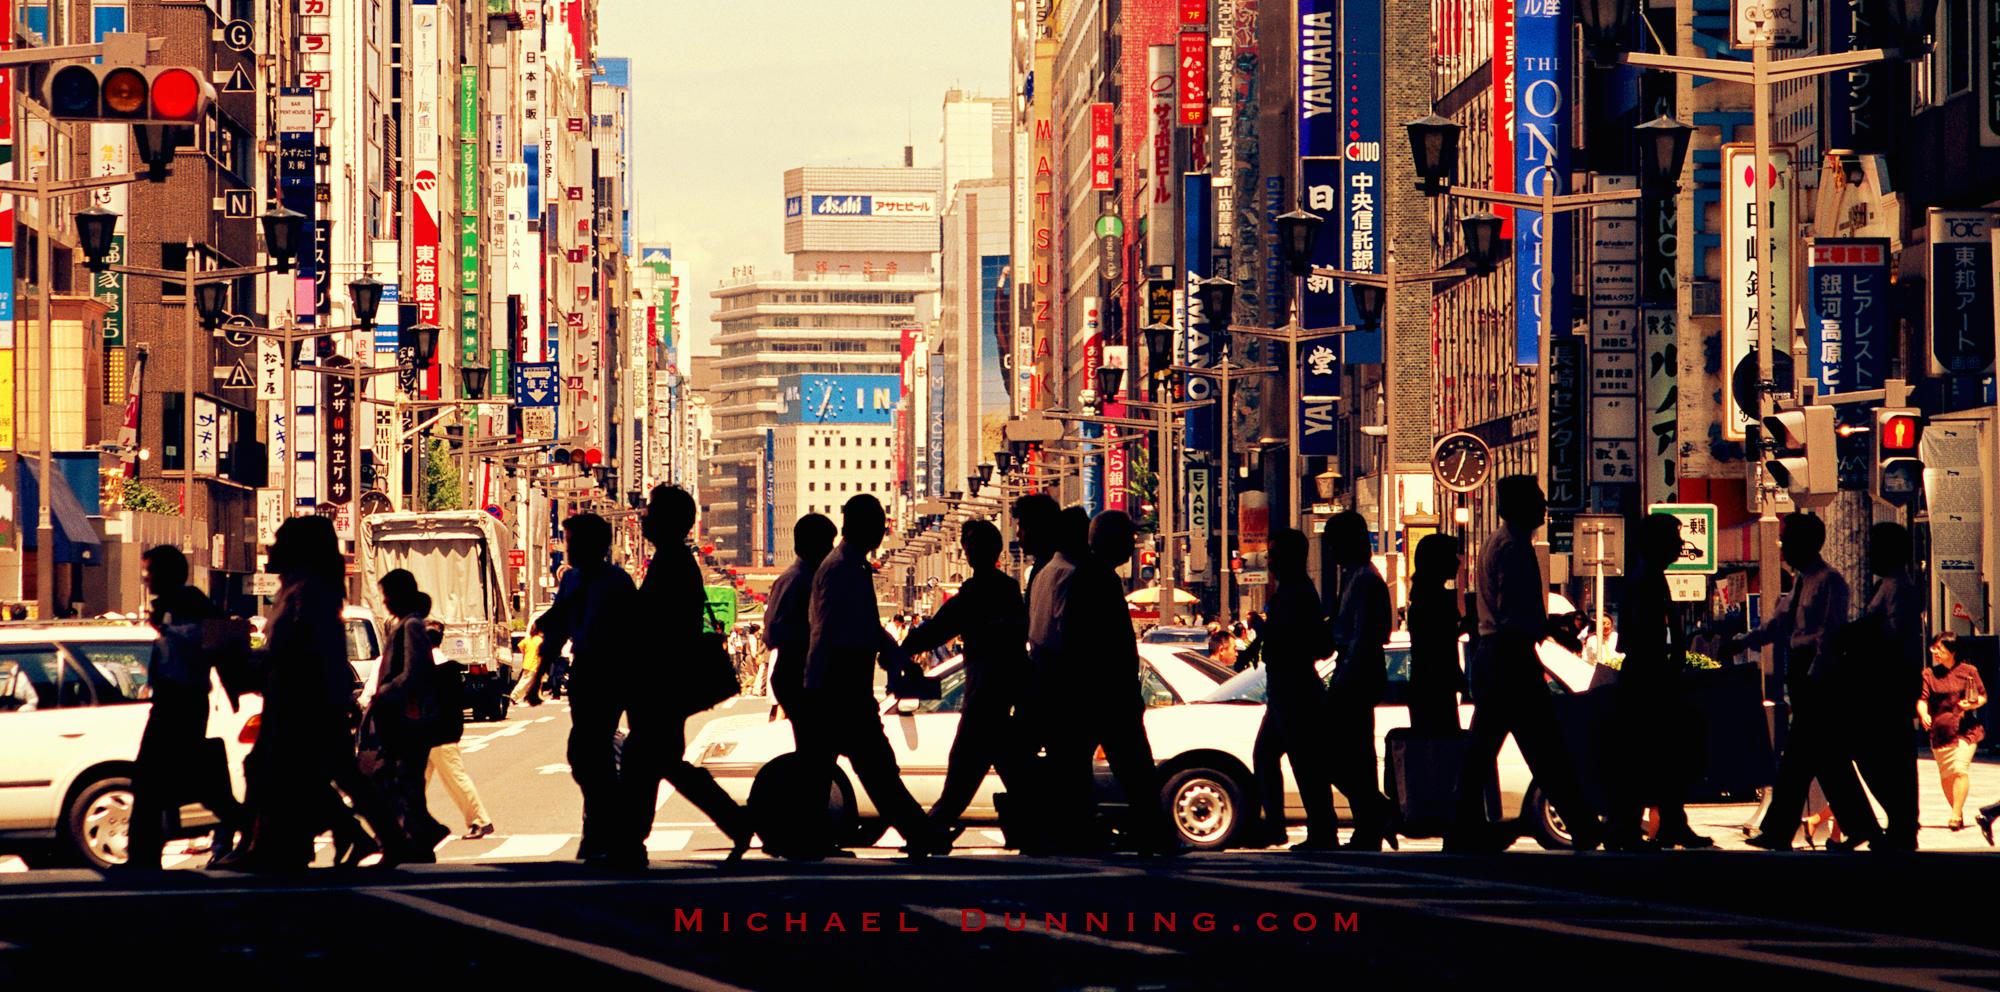 Crossing Final.jpg